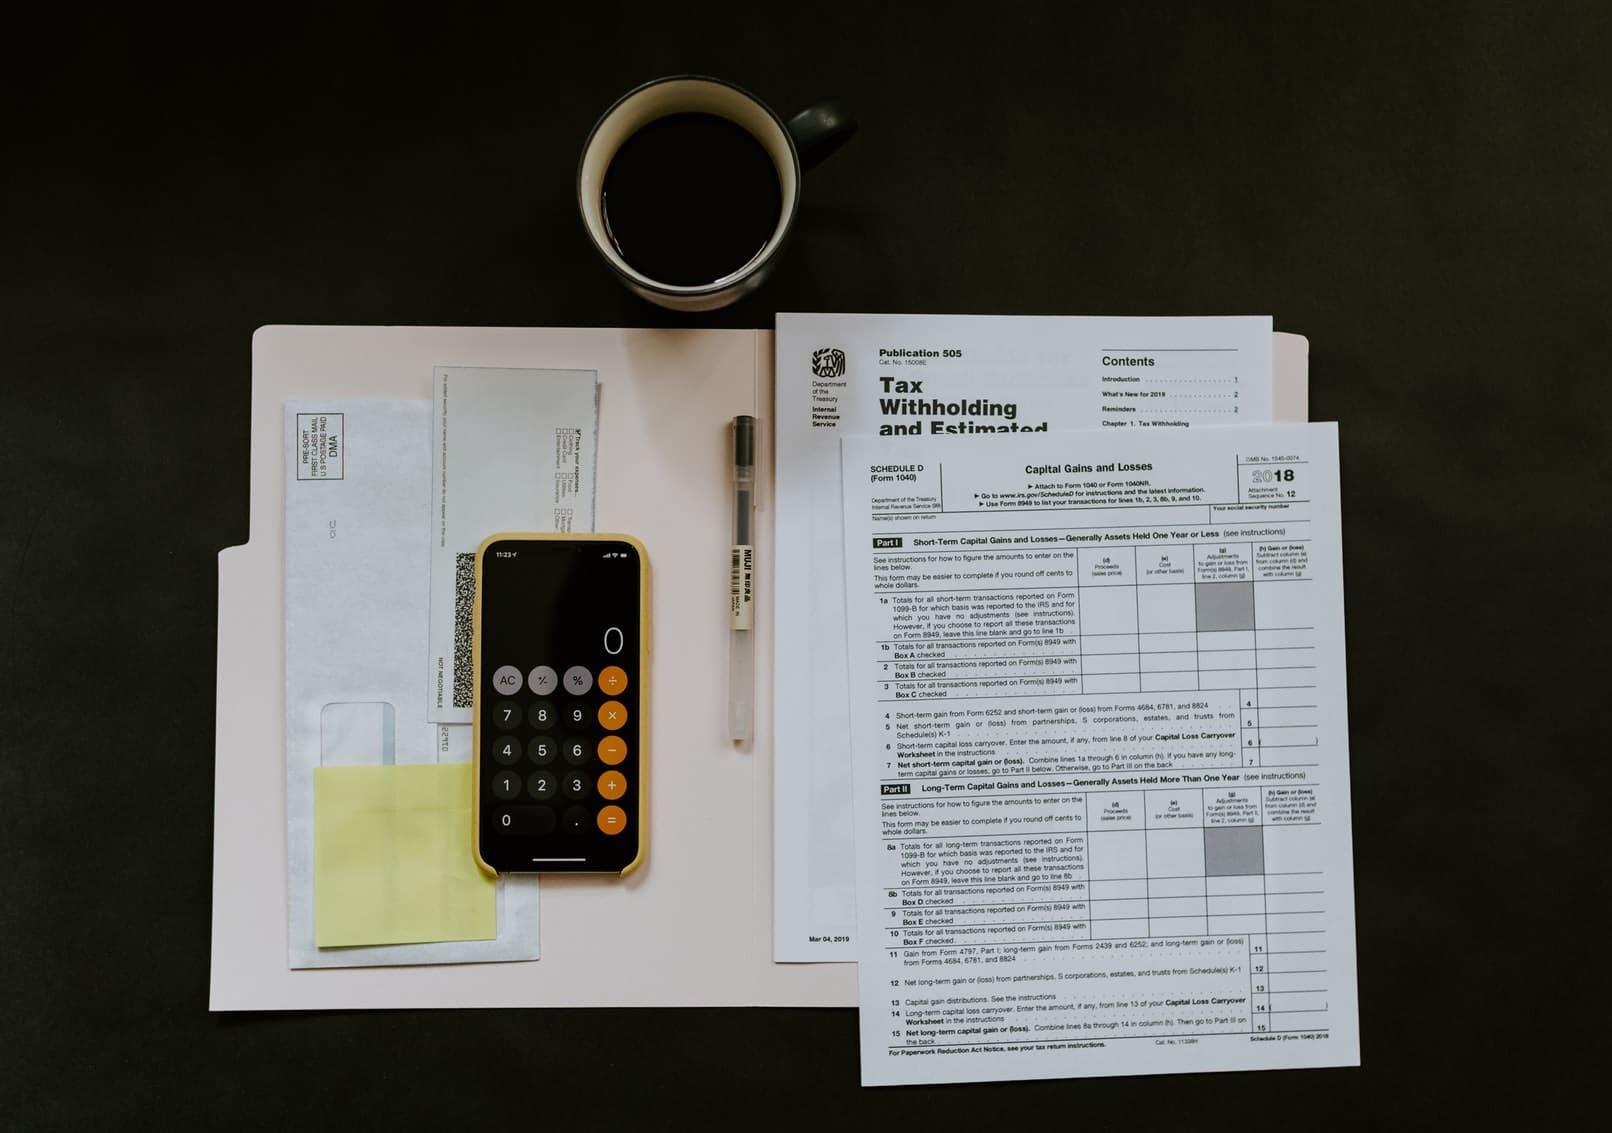 Sektsteuer wie hoch